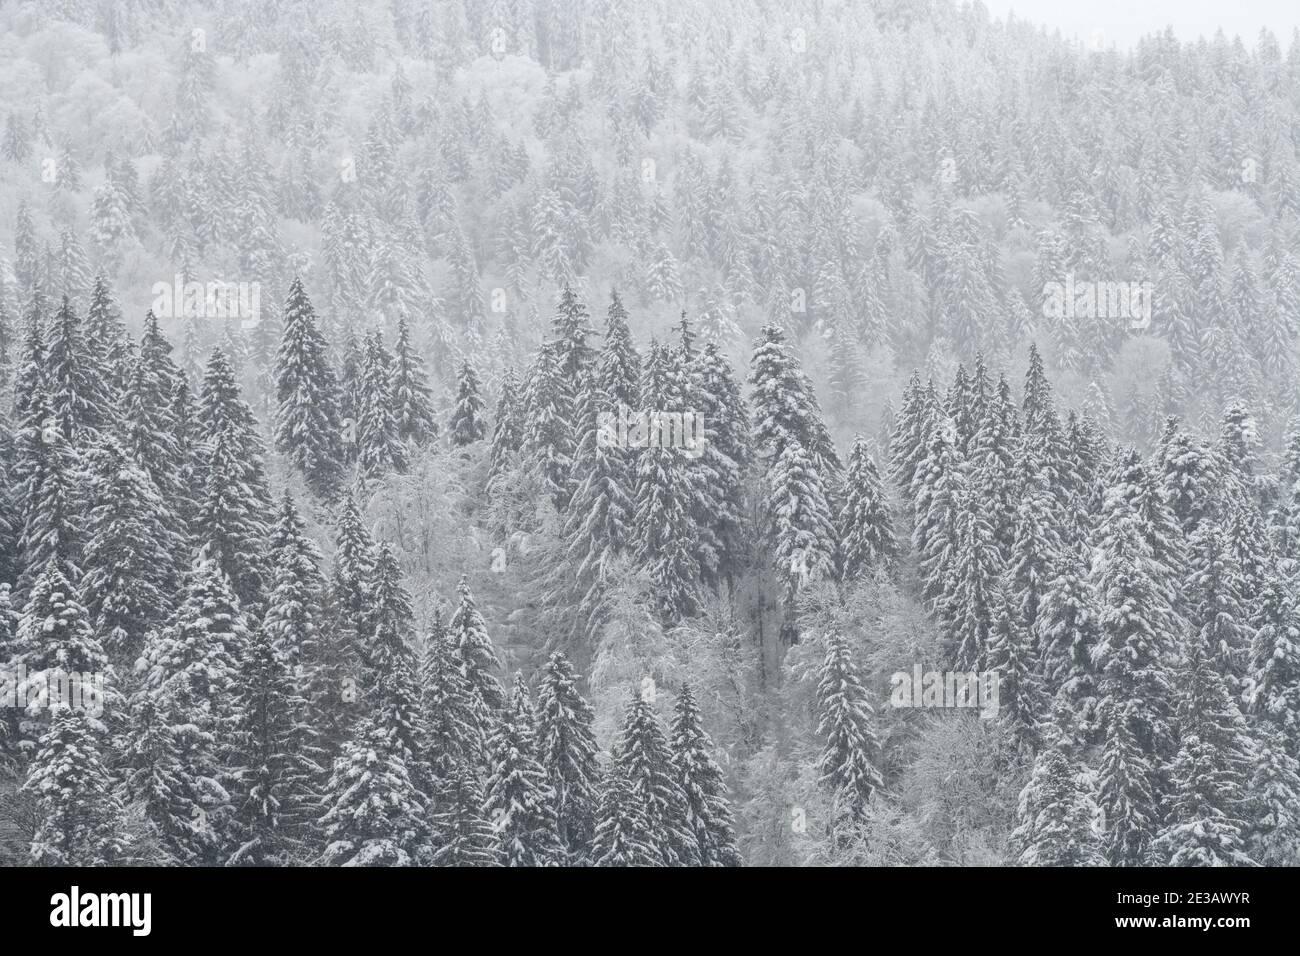 Forêt de sapins et de pins d'hiver recouverte de neige après une forte chute de neige. Paysage magnifique Banque D'Images